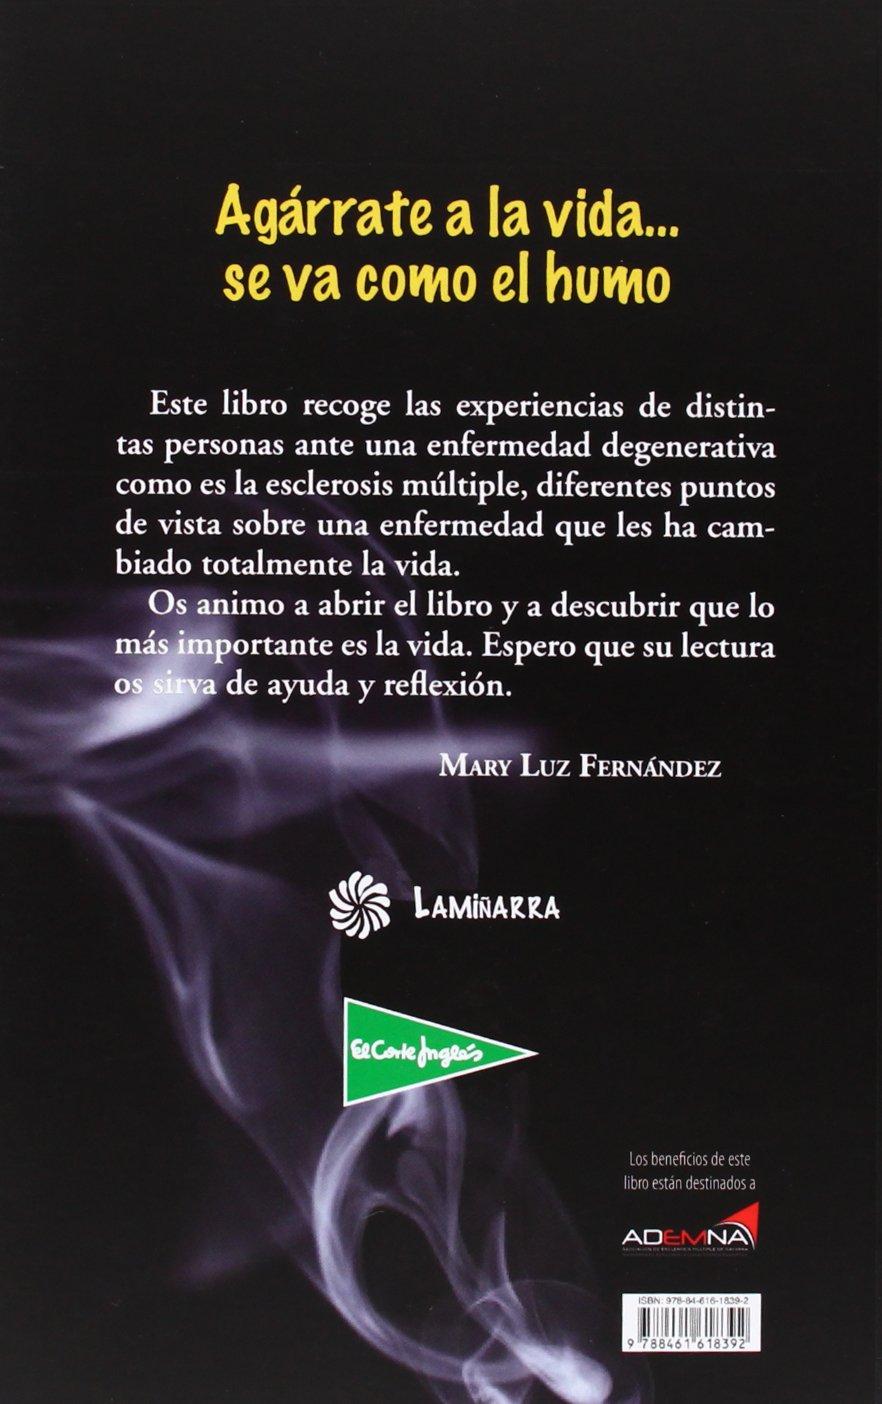 Agarrate a la vida. se va como el humo: Amazon.es: Mary Luz Fernandez: Libros